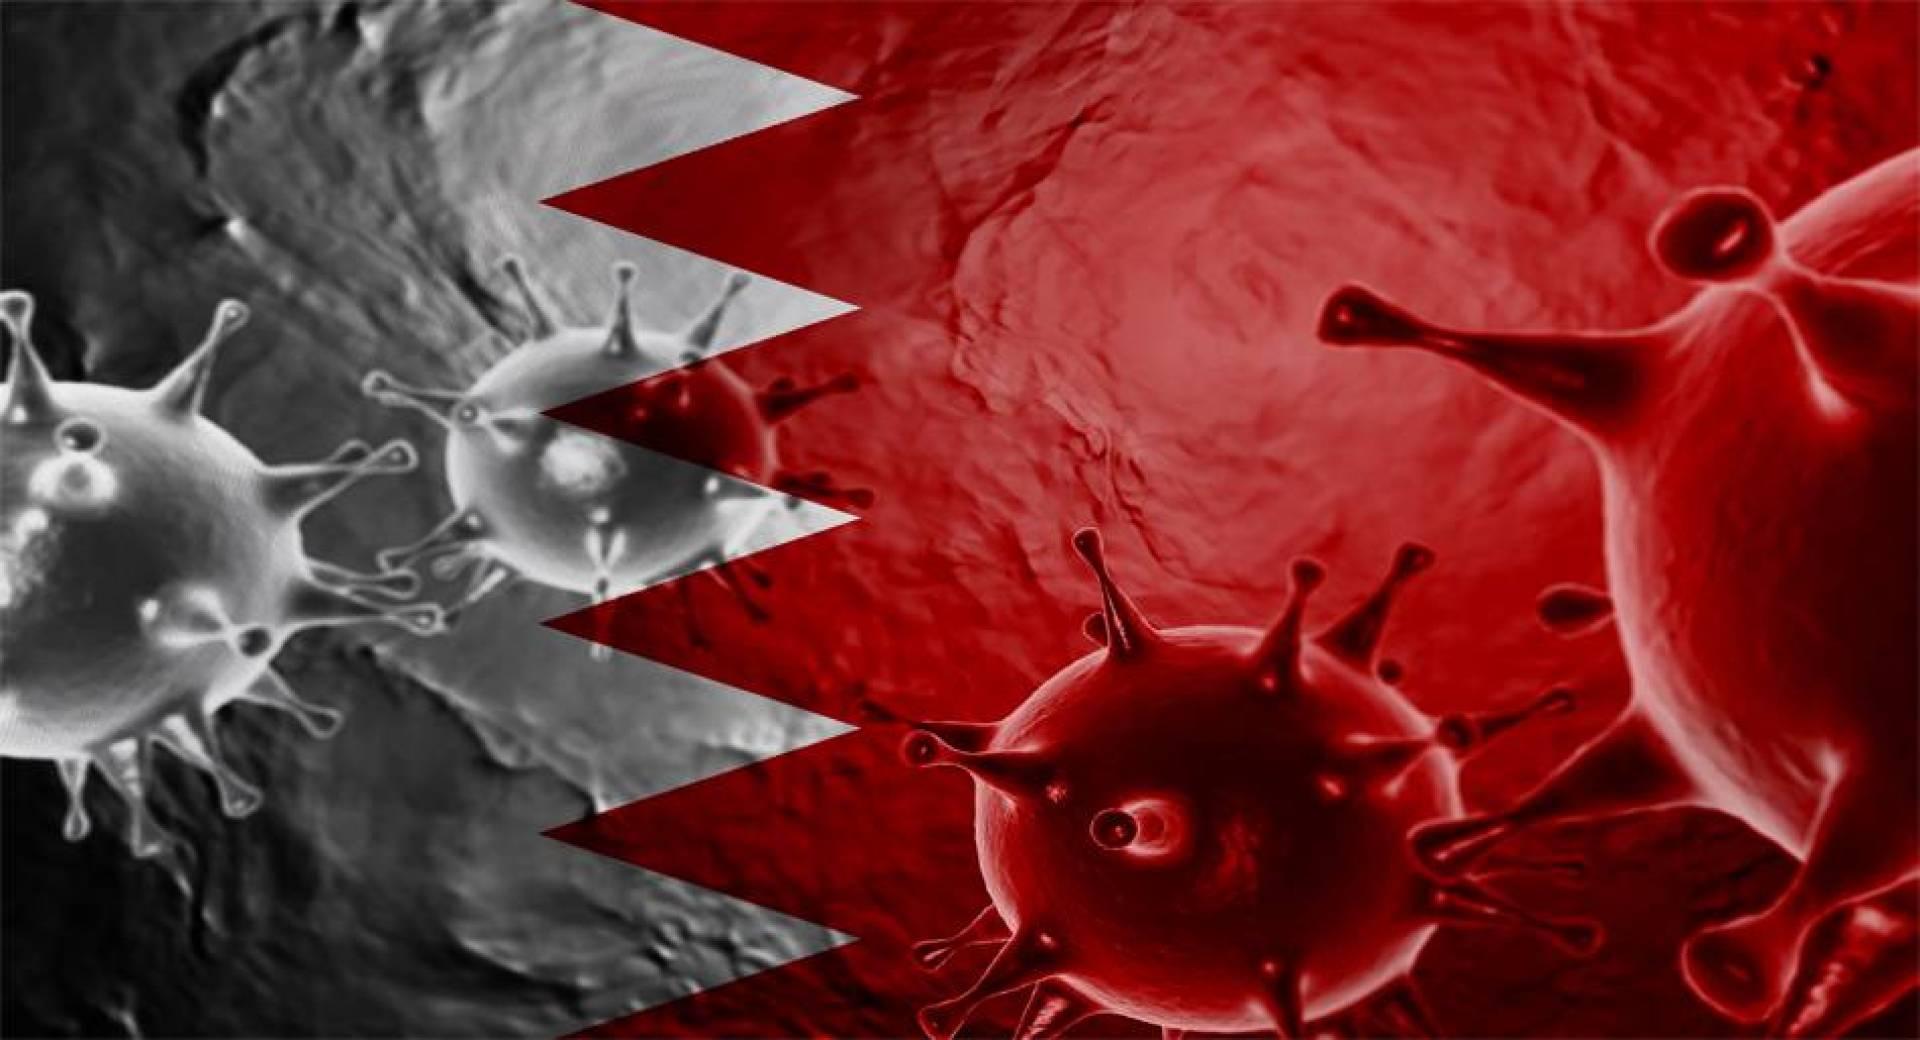 البحرين تسجل 7 حالات إصابة جديدة بفيروس «كورونا»